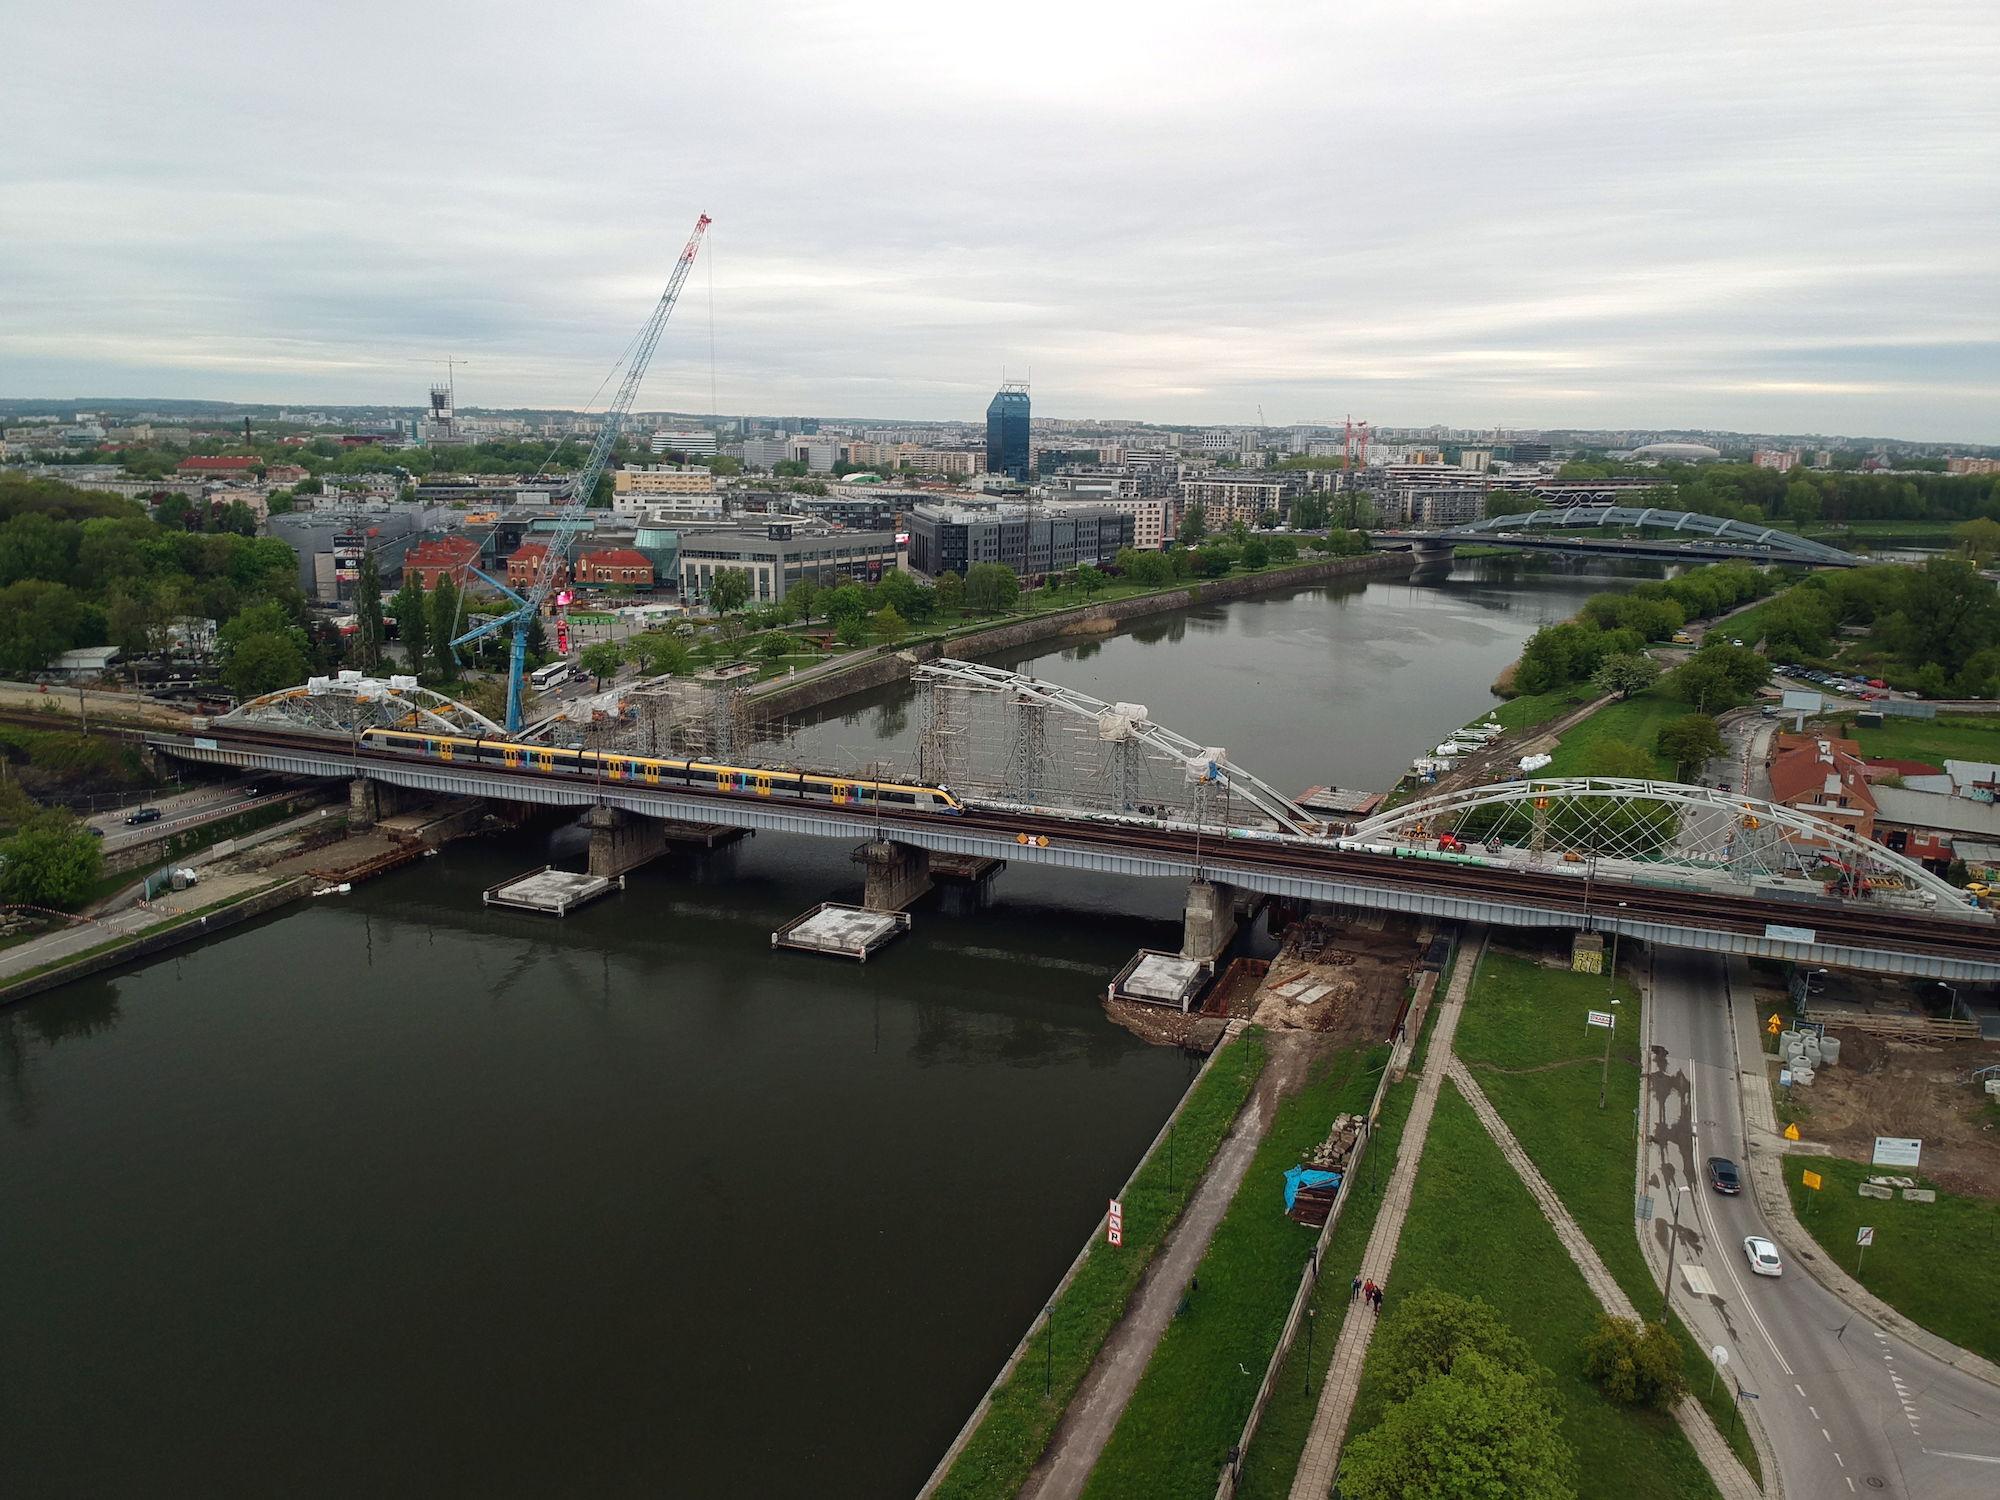 Zdjęcie pokazujące z powietrza budowę nowego mostu kolejowego na Wiśle w Krakowie.